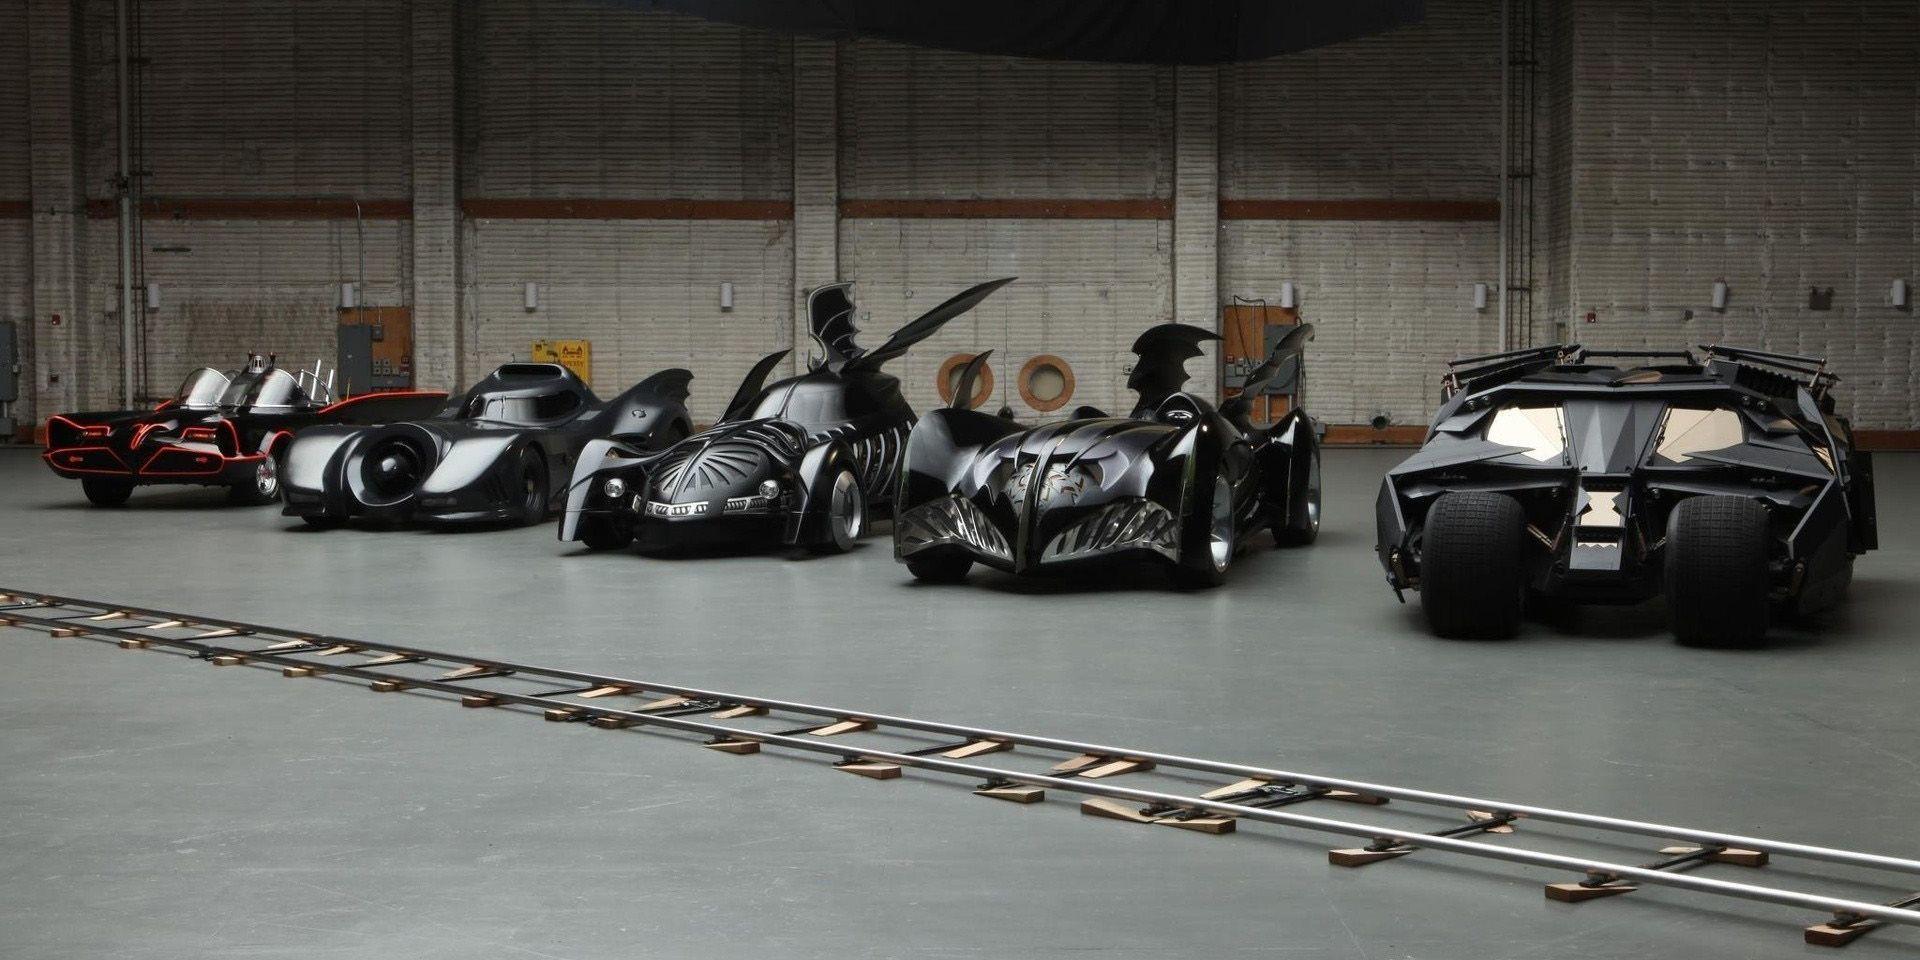 Tutte le Batmobili della storia di Batman